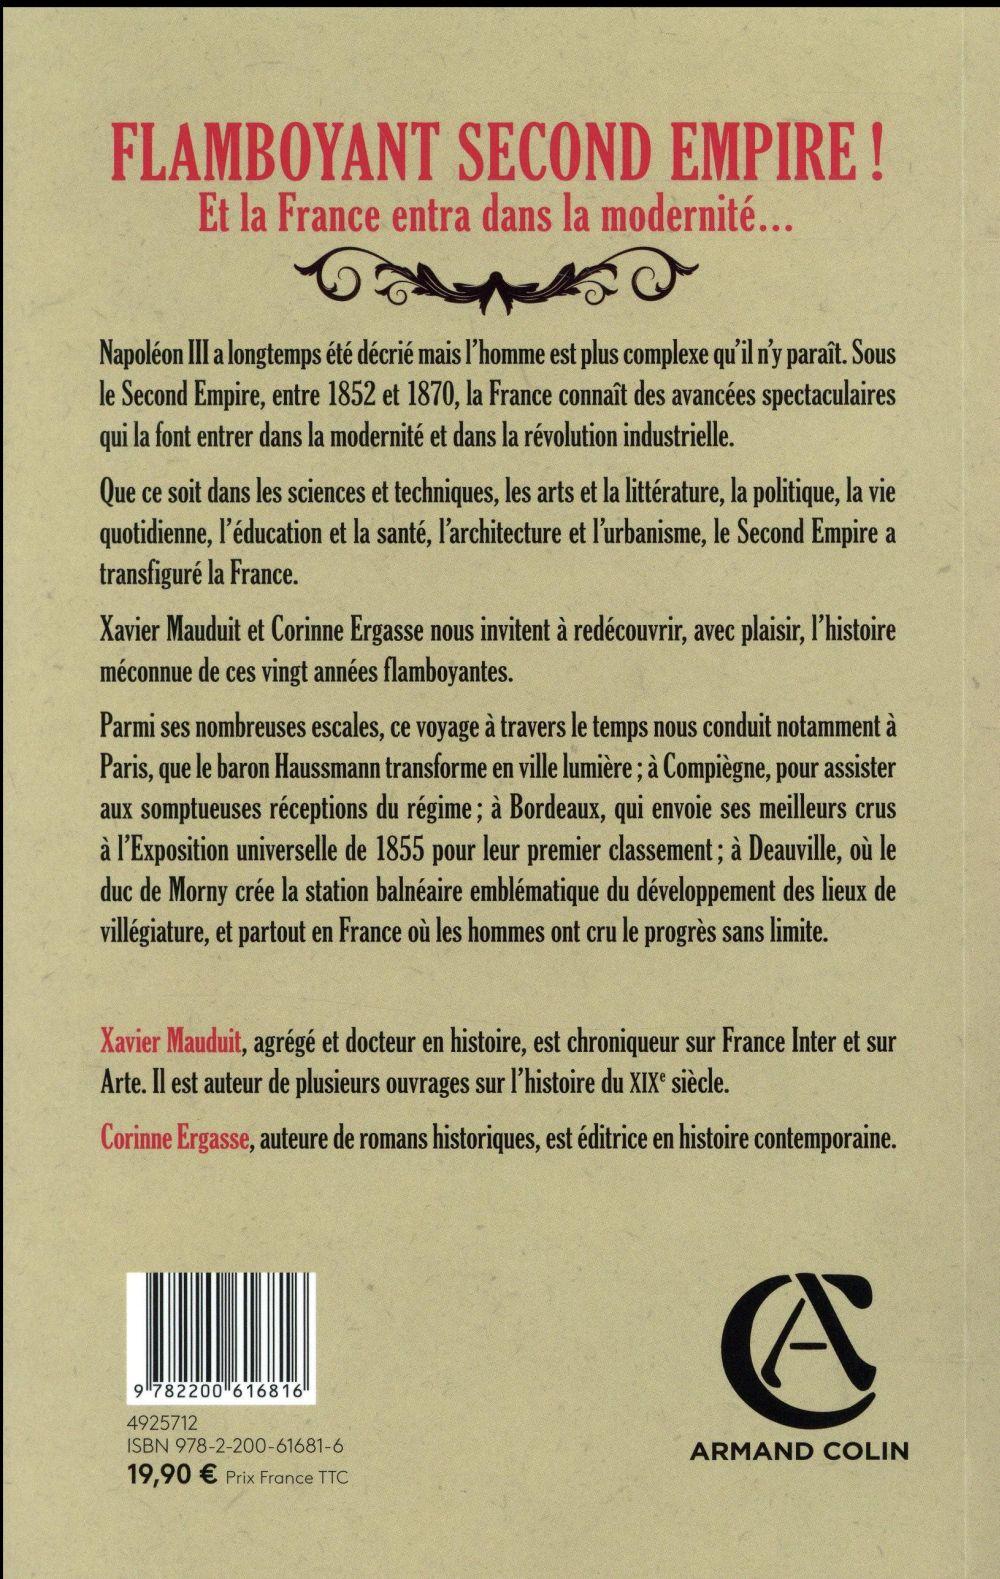 Flamboyant second empire ! ; et la France entra dans la modernité...